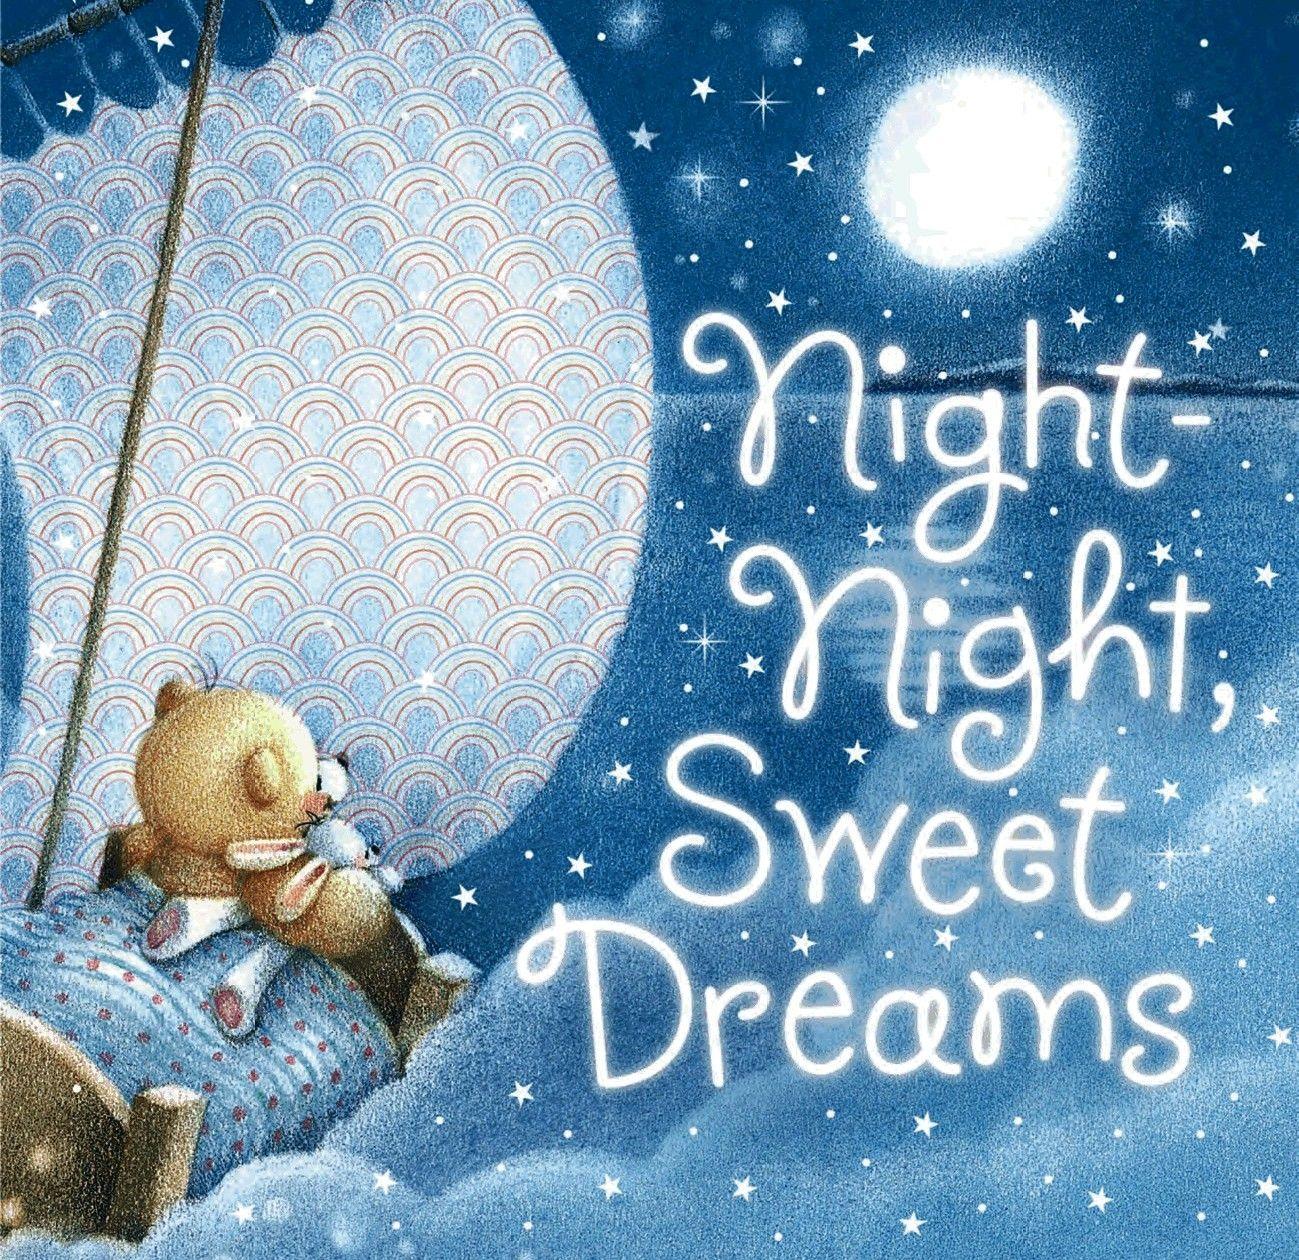 устранить картинки с доброй ночи сладких снов на английском поздравлений стихотворной